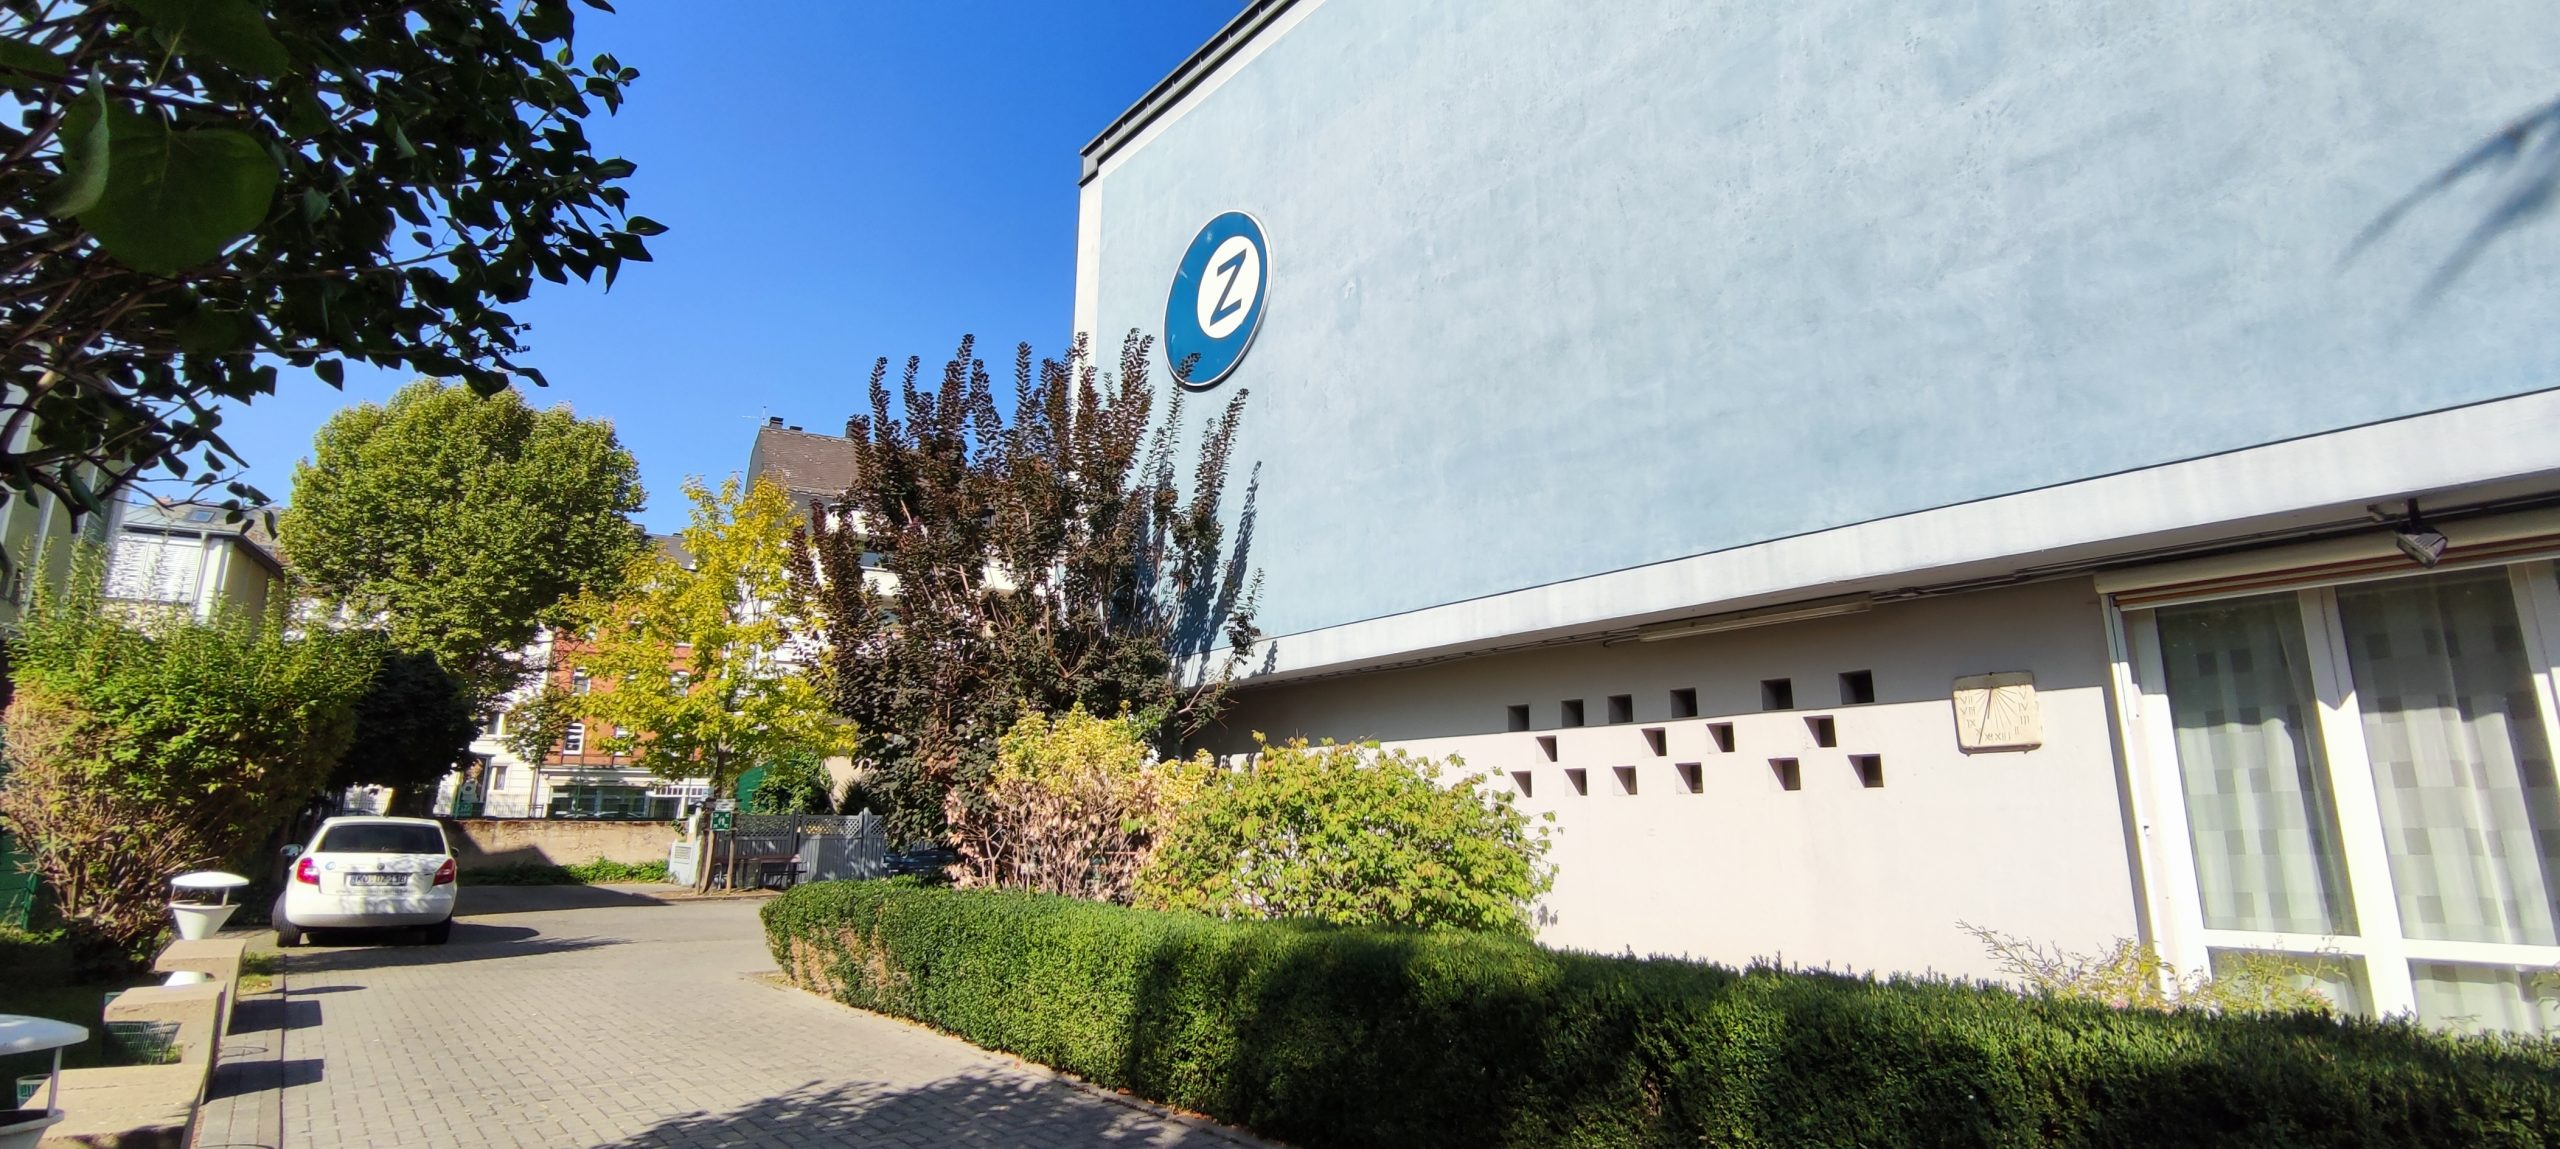 Dr. Zimmermannsche Wirtschaftsschule in Koblenz Hofeinfahrt mit Blick auf das Schulgebäude und das Firmenfahrzeug